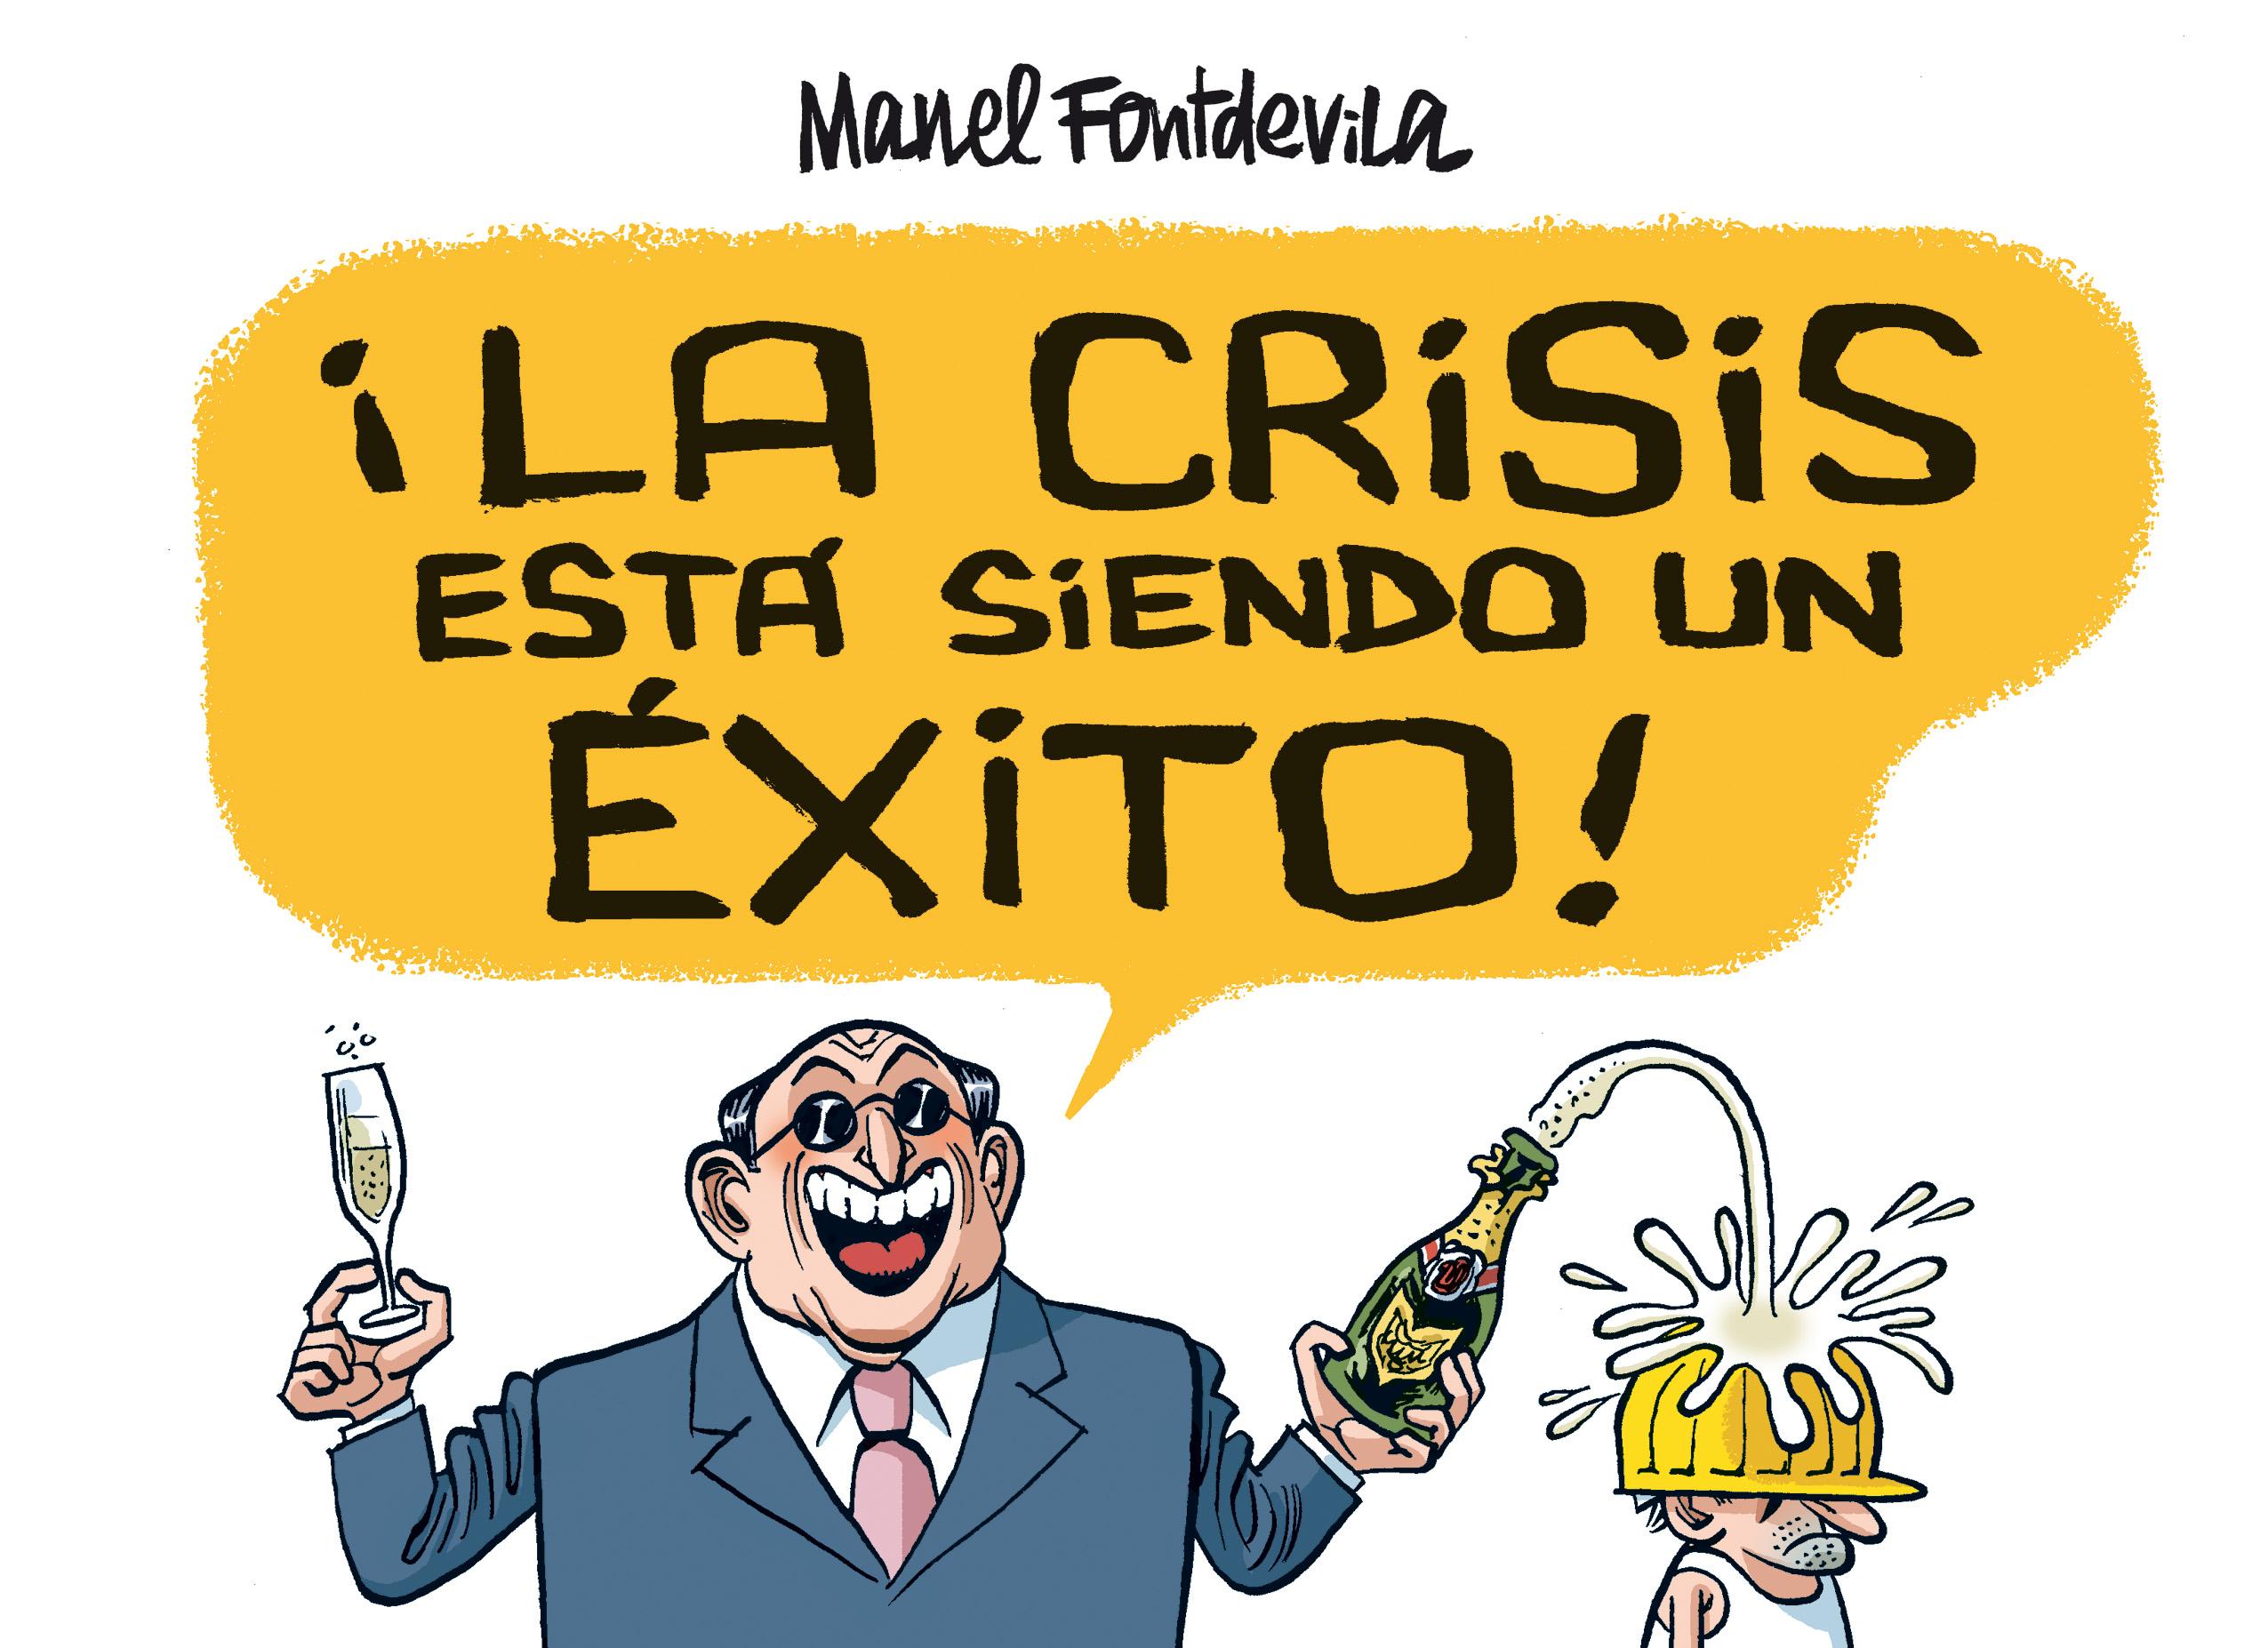 LA CRISIS ESTÁ SIENDO UN ÉXITO! - MANEL FONTDEVILA